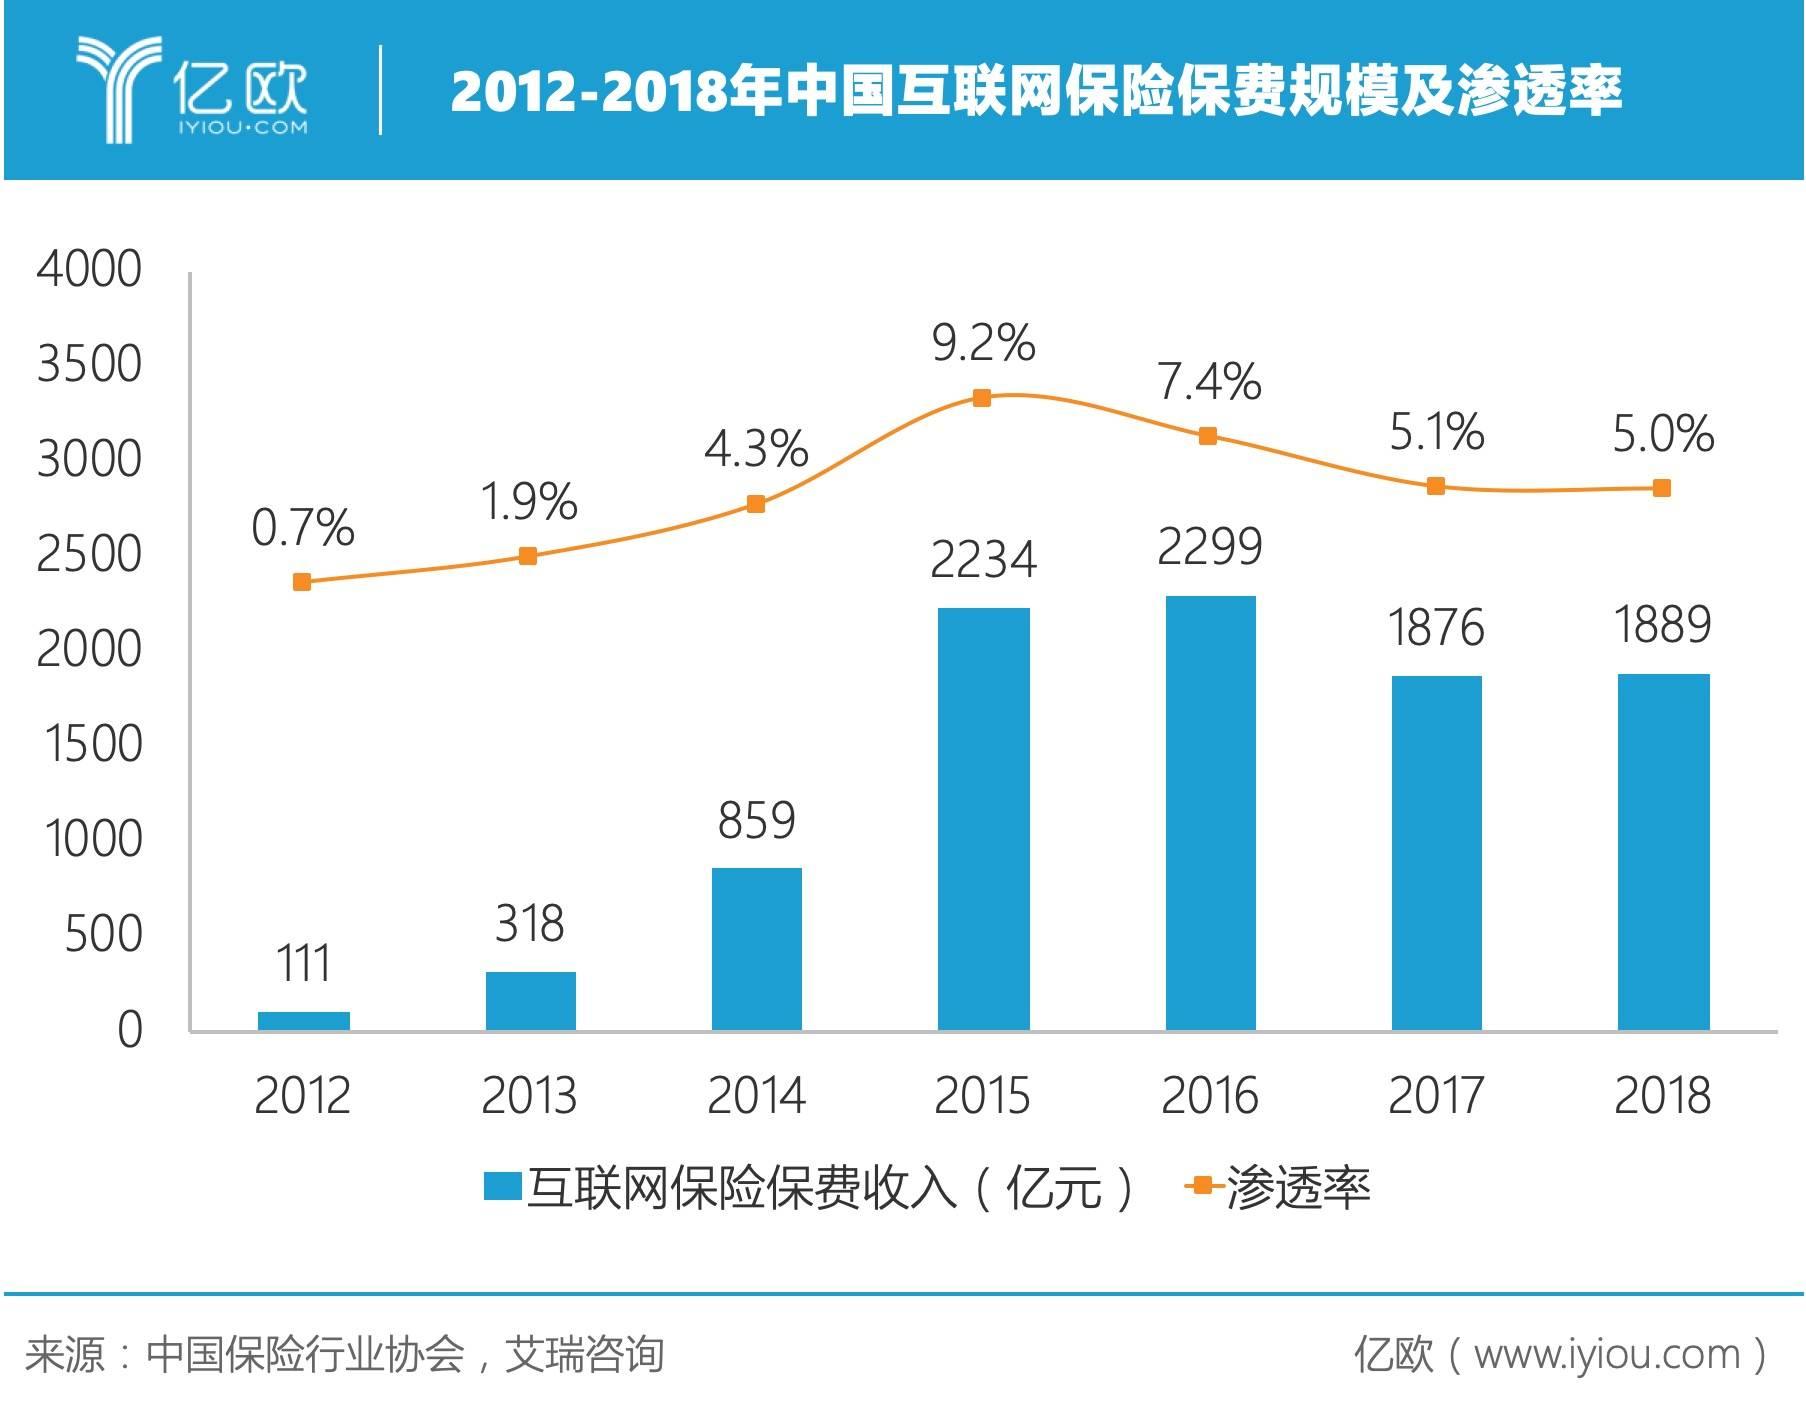 2012-2018年中國互聯網保險保費規模及滲透率